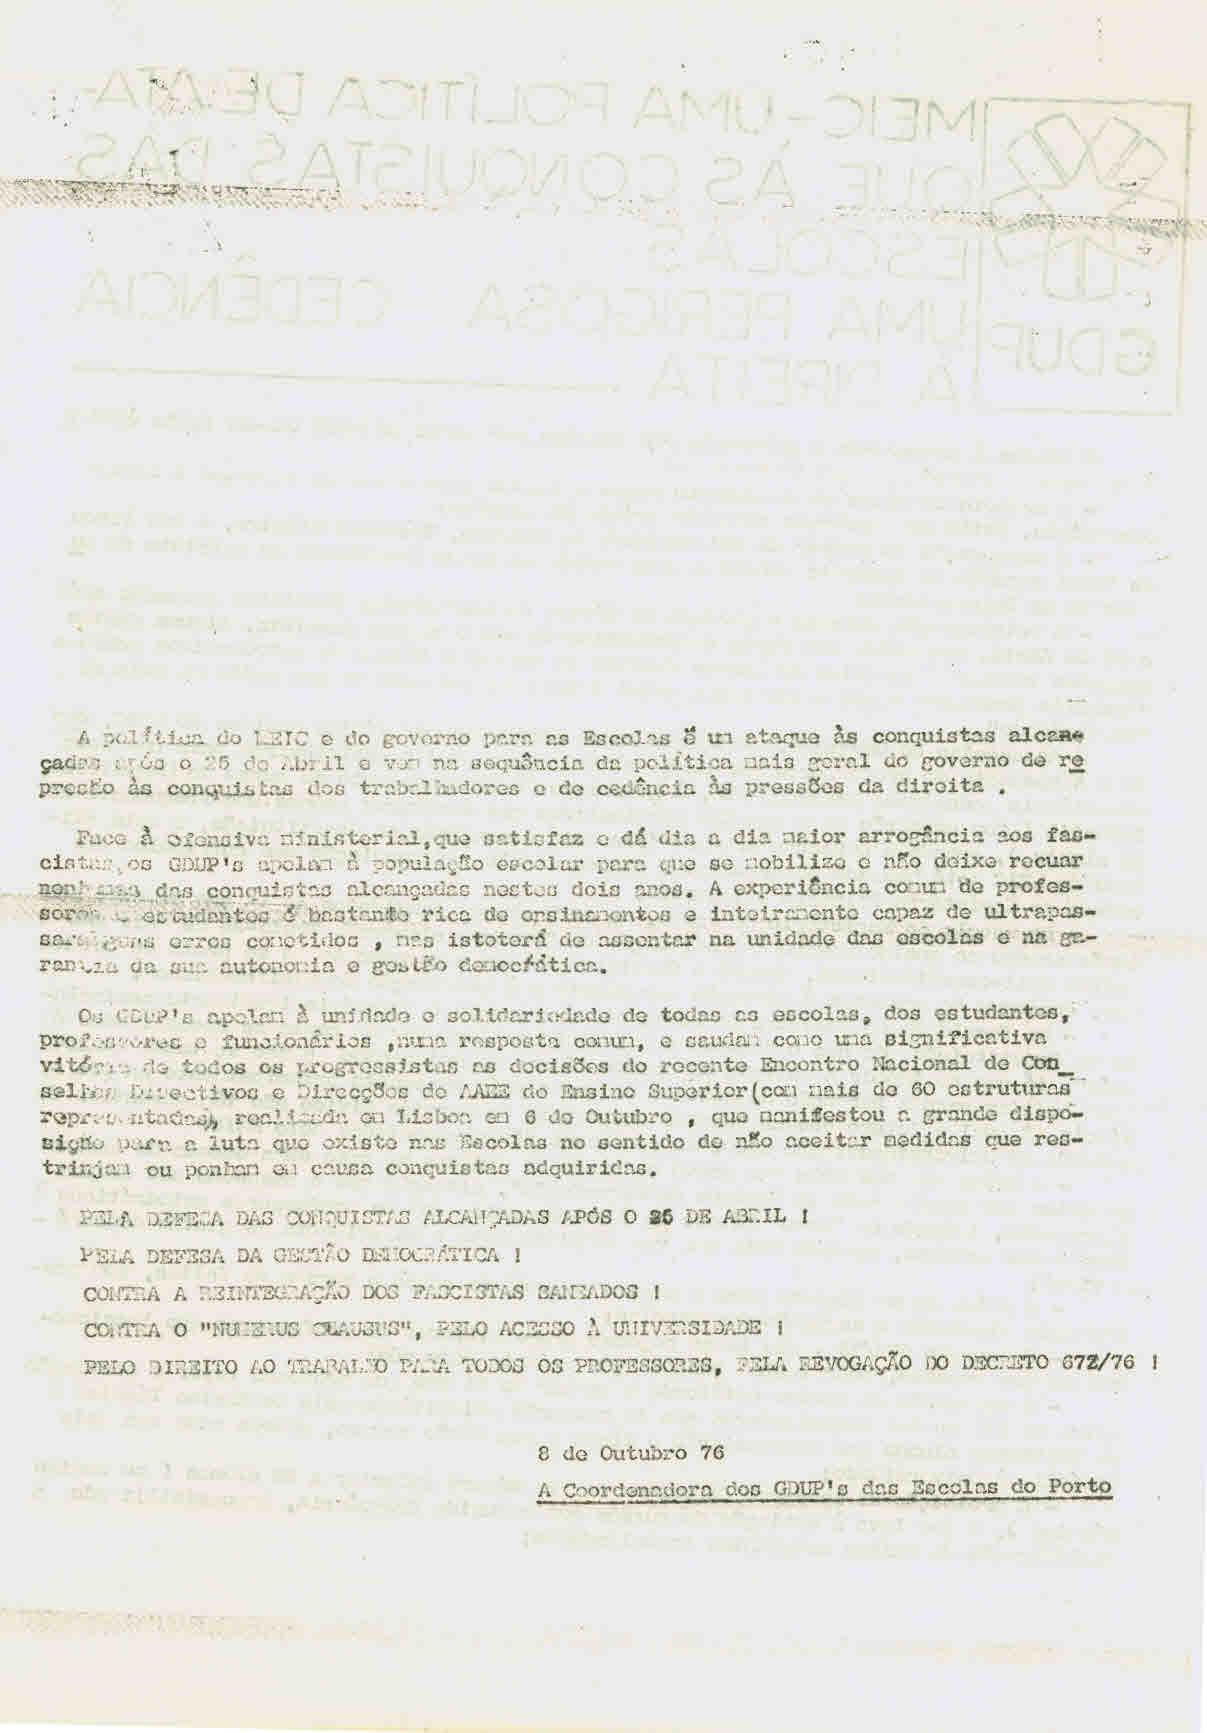 MEIC – Uma política de ataque às conquistas das escolas (2)